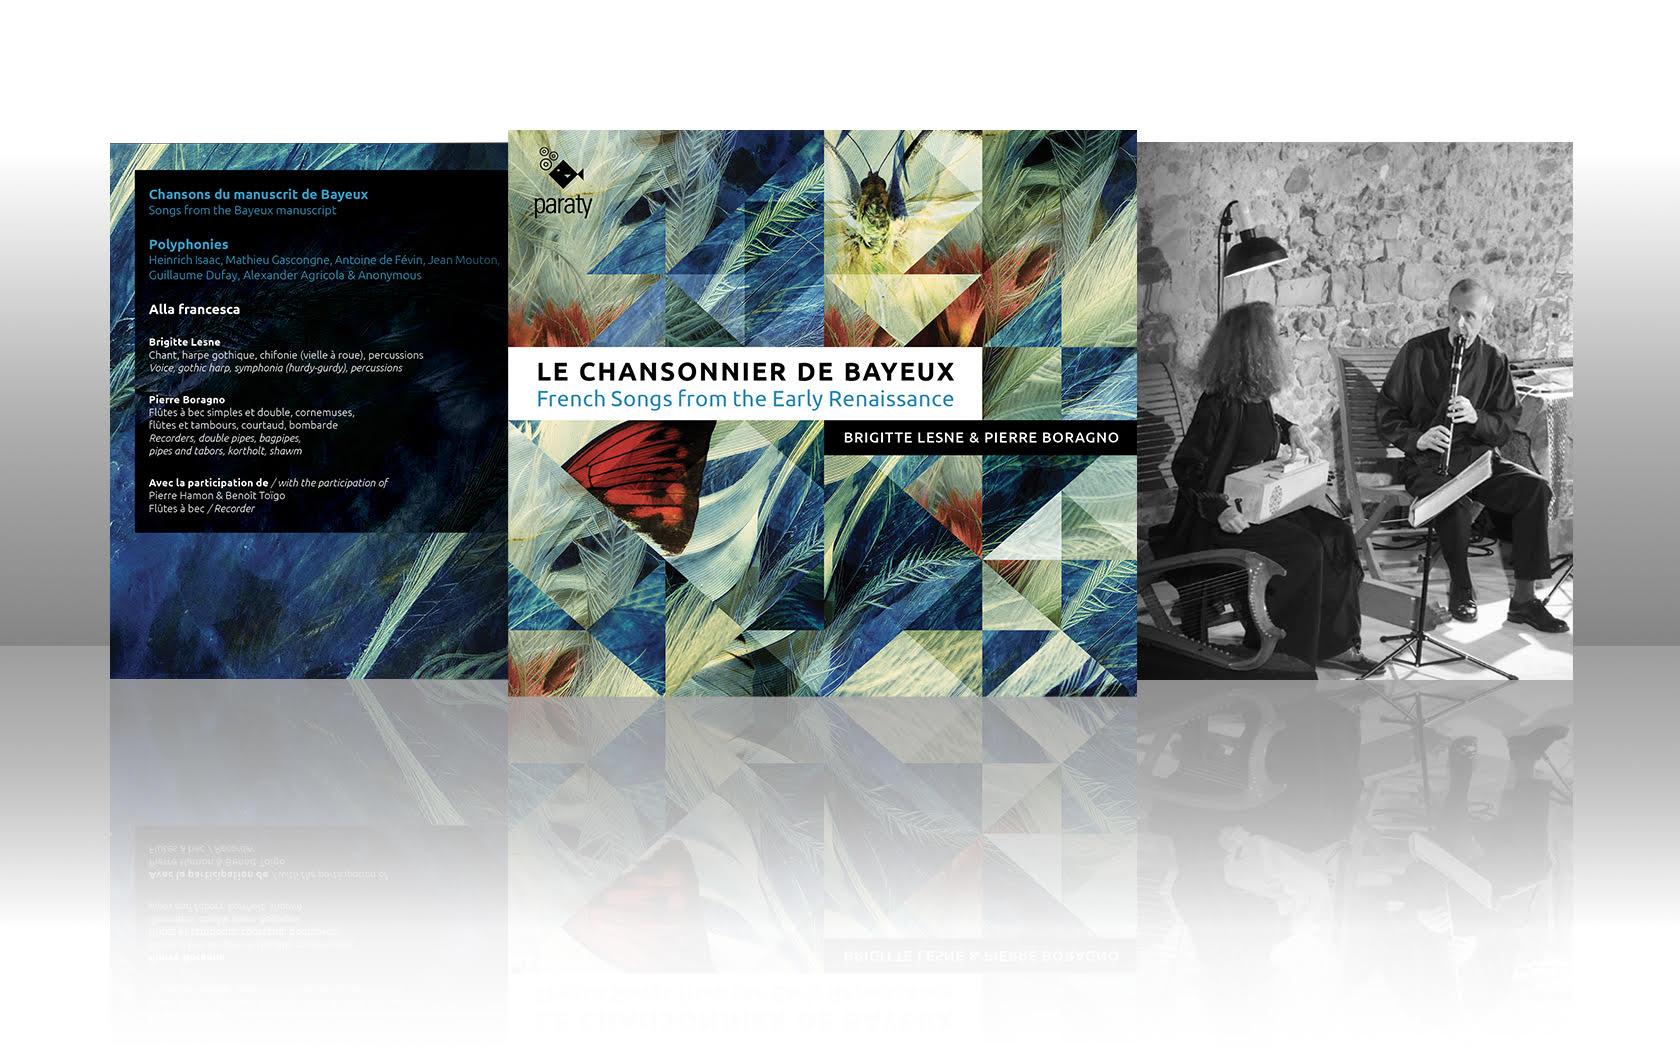 Sortie CD | Le Chansonnier de Bayeux | Brigitte Lesne & Pierre Boragno